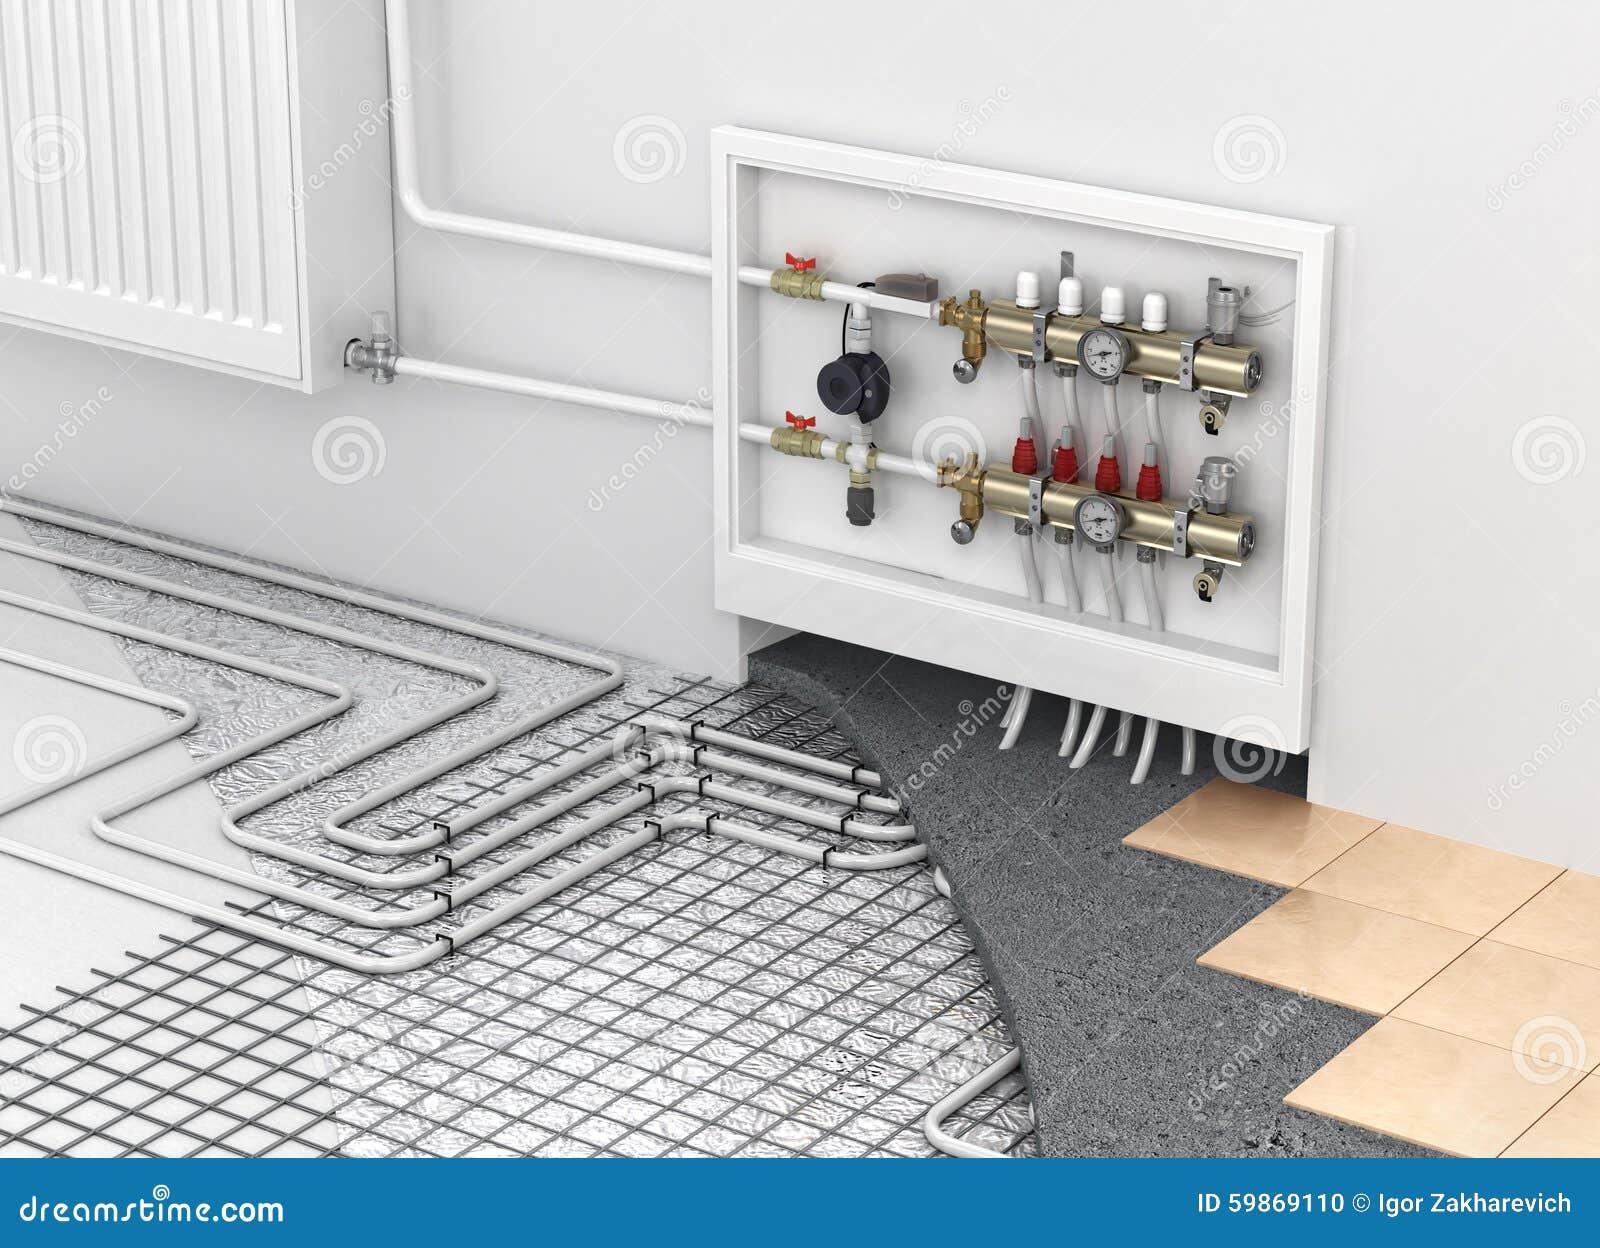 Calefacción por el suelo con el colector y el radiador en el cuarto Concentrado